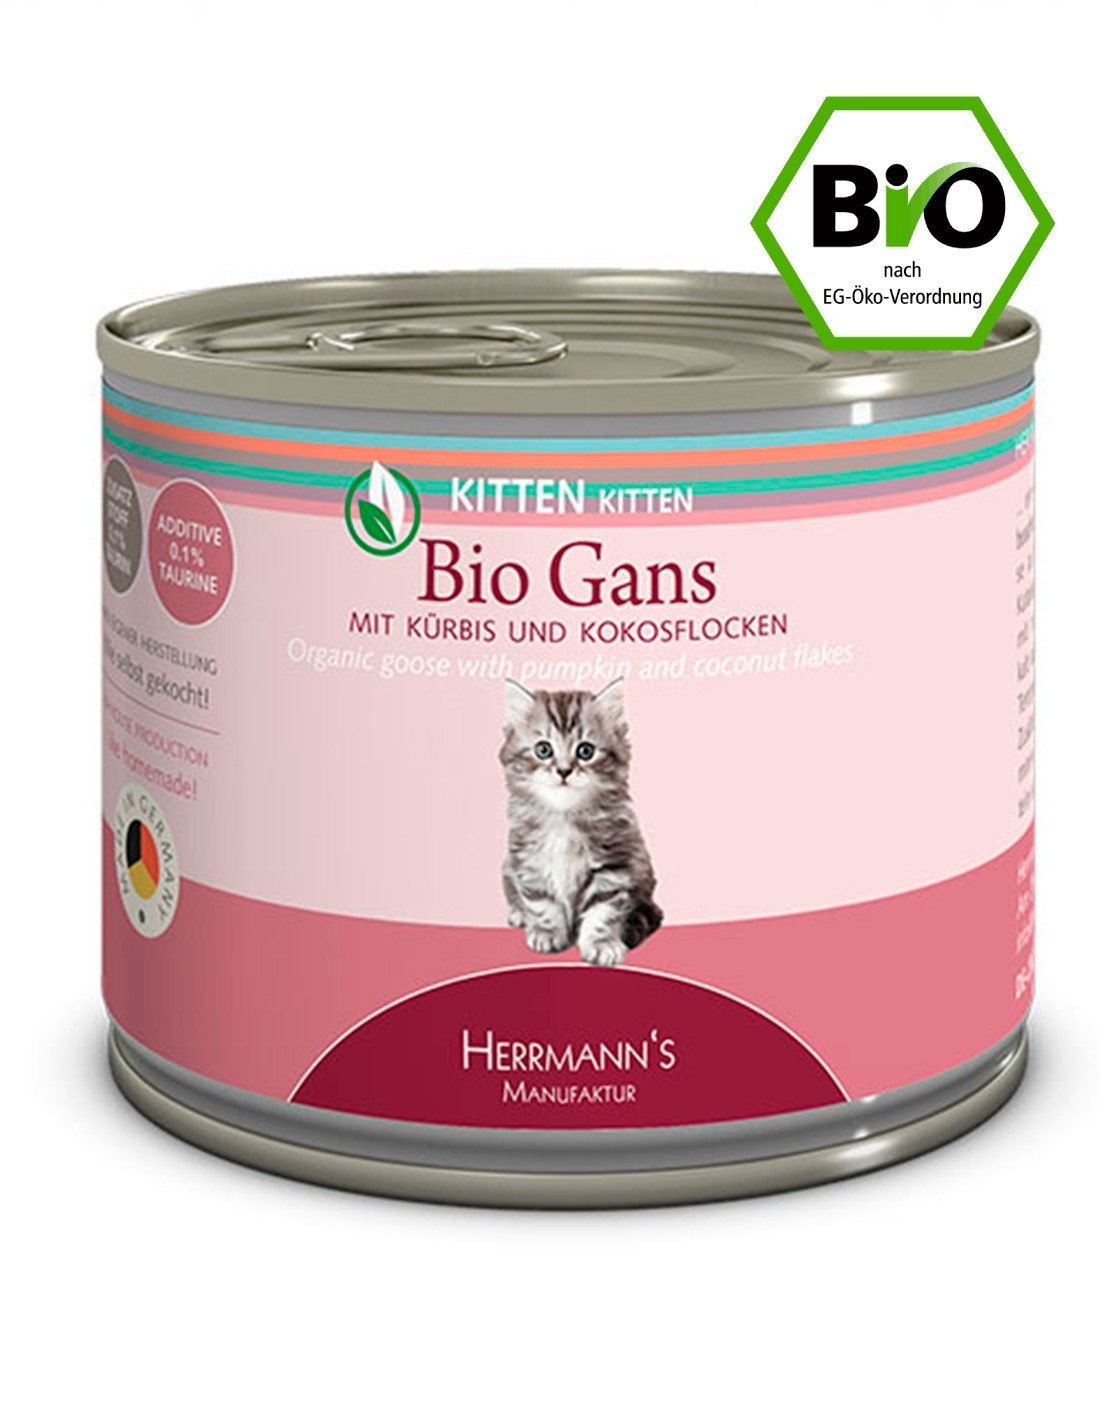 HERRMANN'S Ganso y Calabacín 200g Comida húmeda BIO Kitten